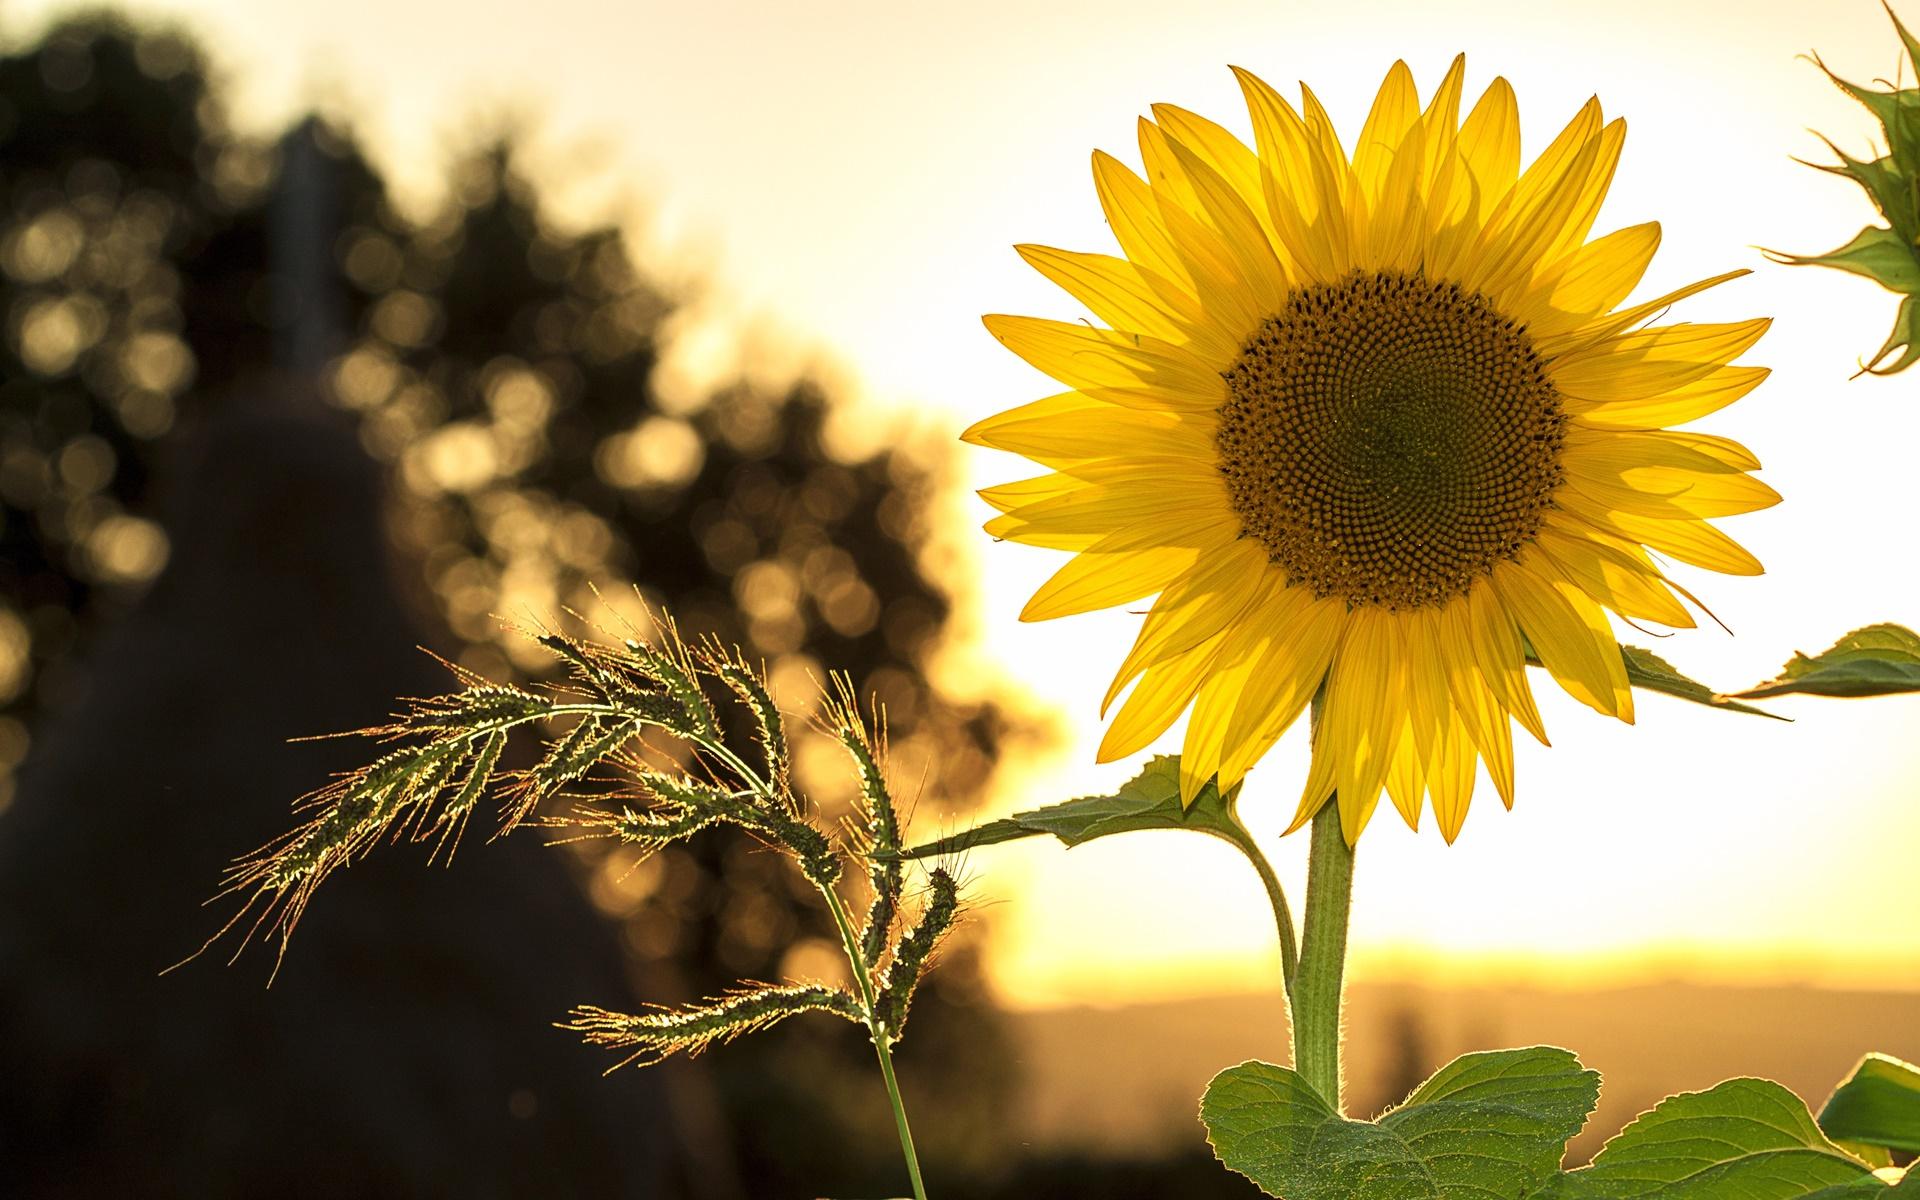 Hoa luôn hướng về mặt trời, biểu trưng cho sự vươn lên mạnh mẽ